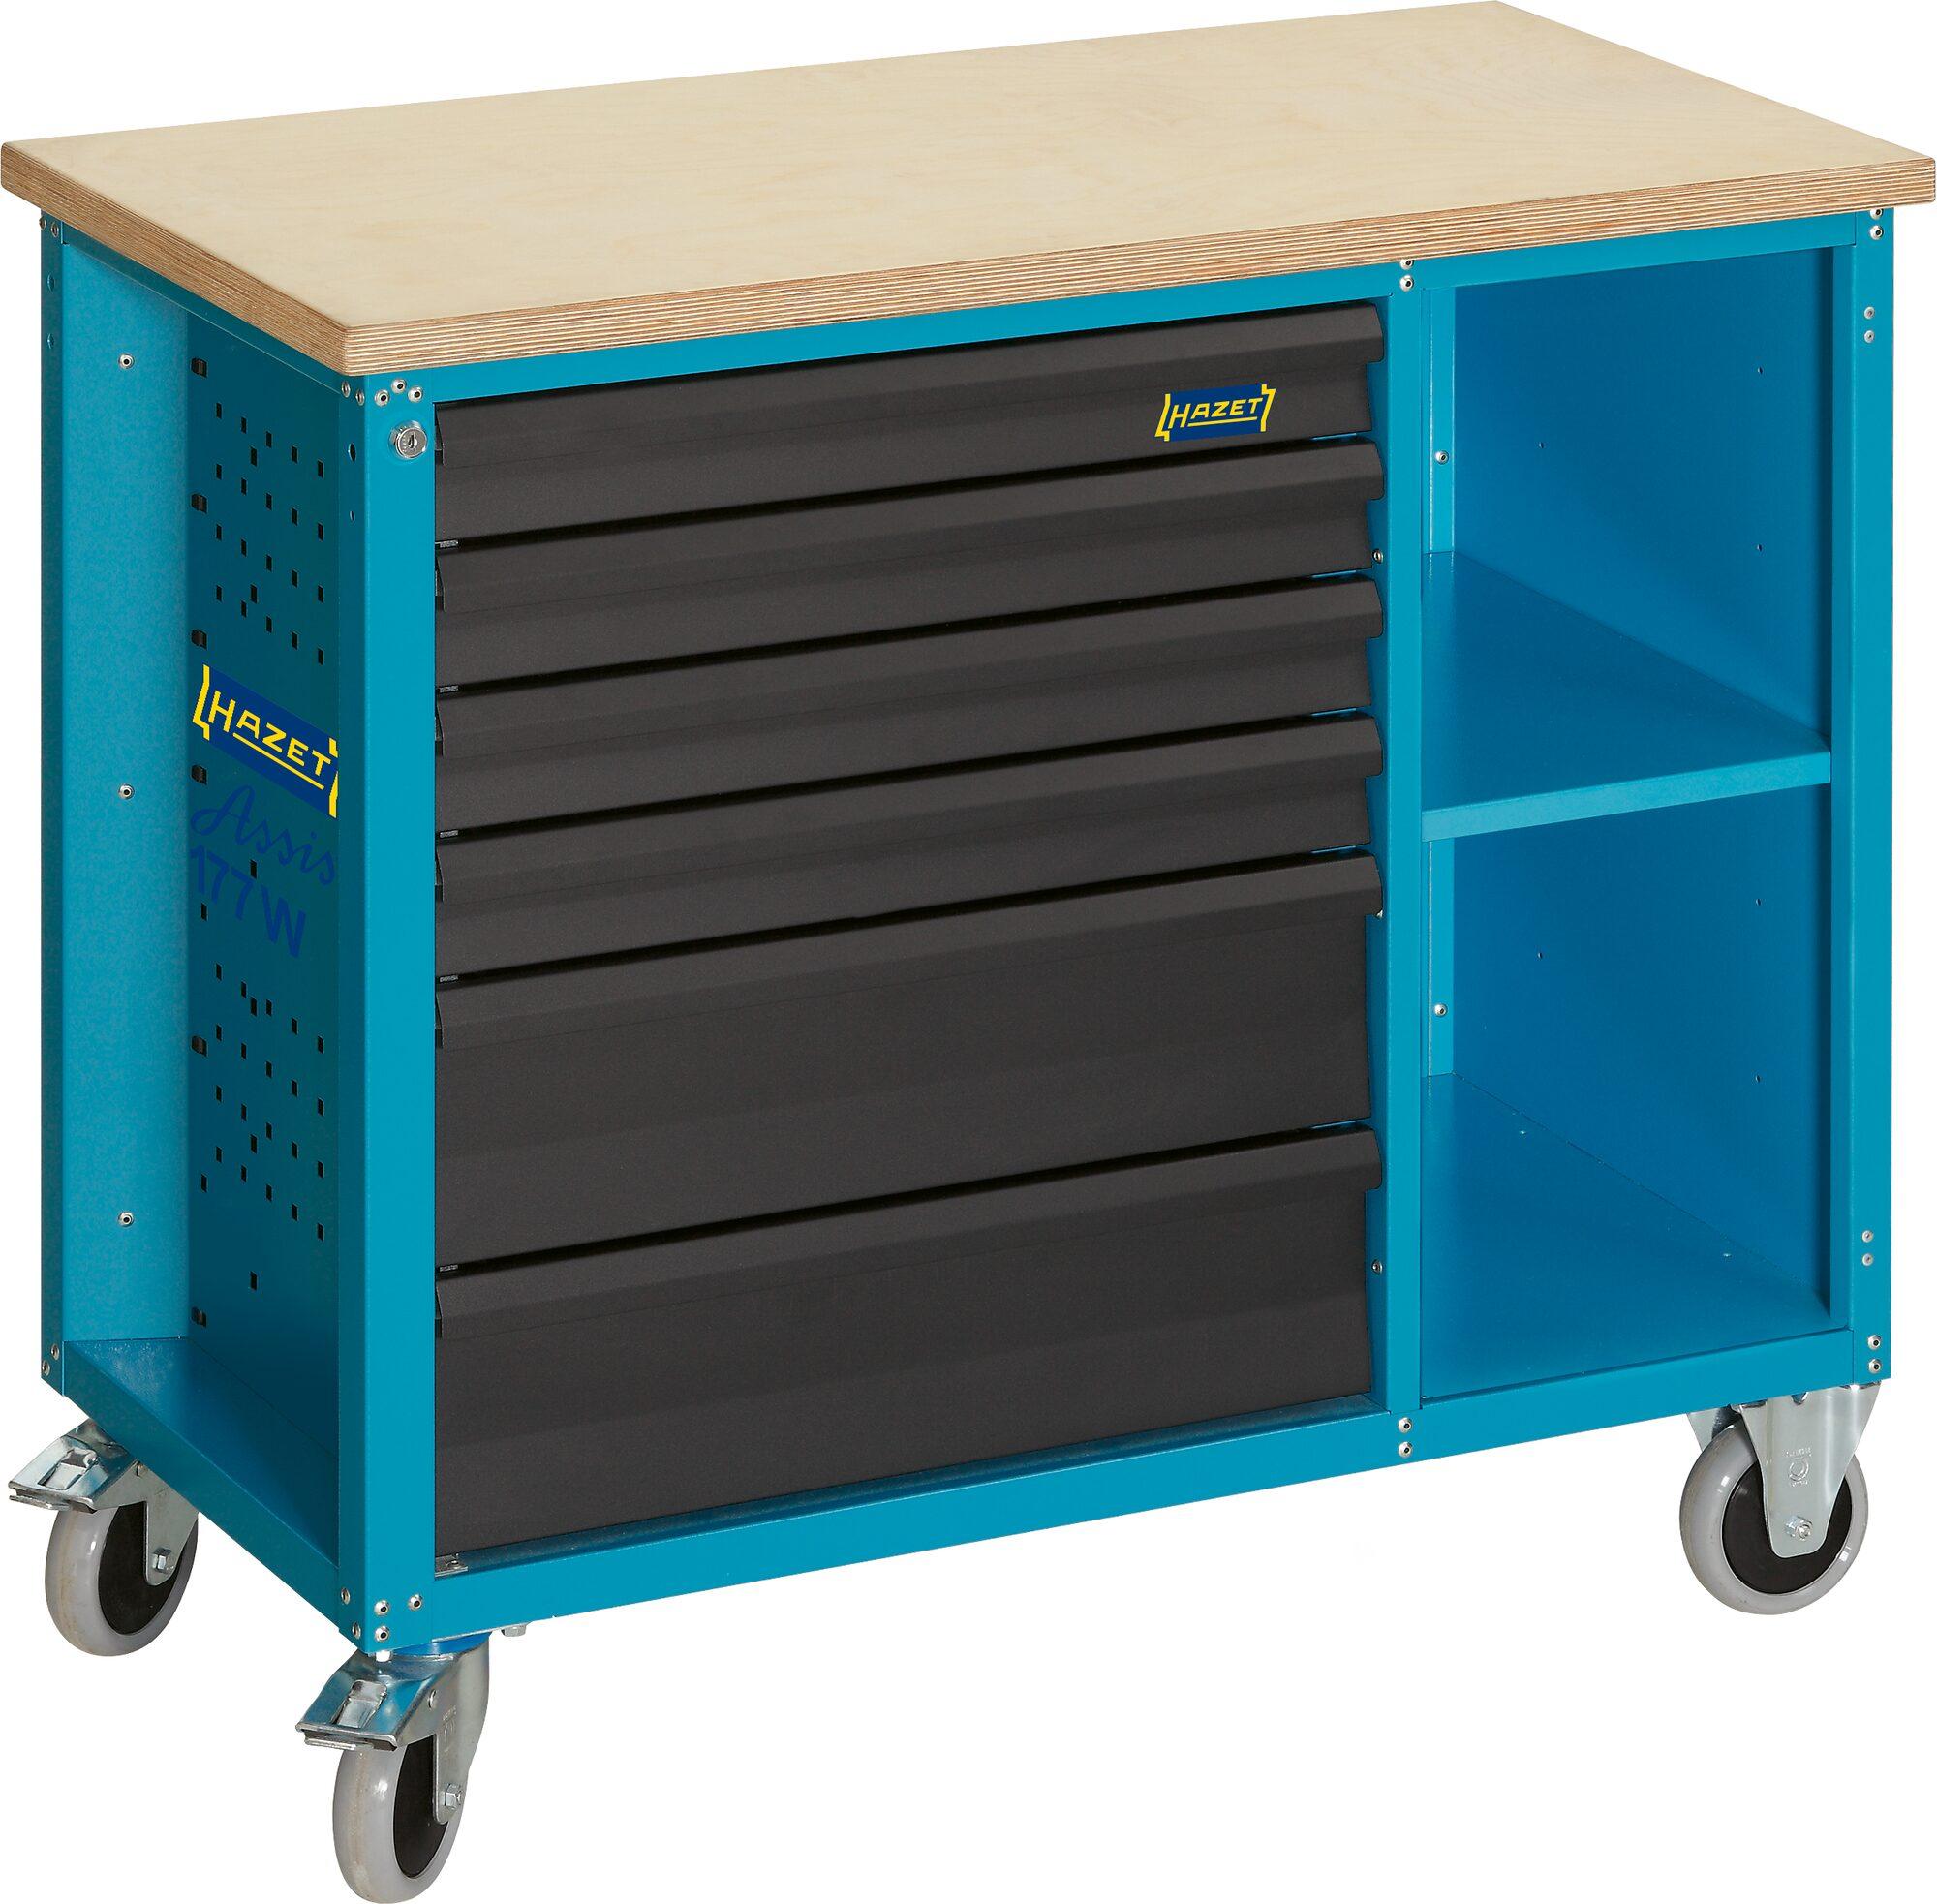 HAZET Fahrbare Werkbank 177W-6 ∙ Schubladen, flach: 4x 79x527x348 mm